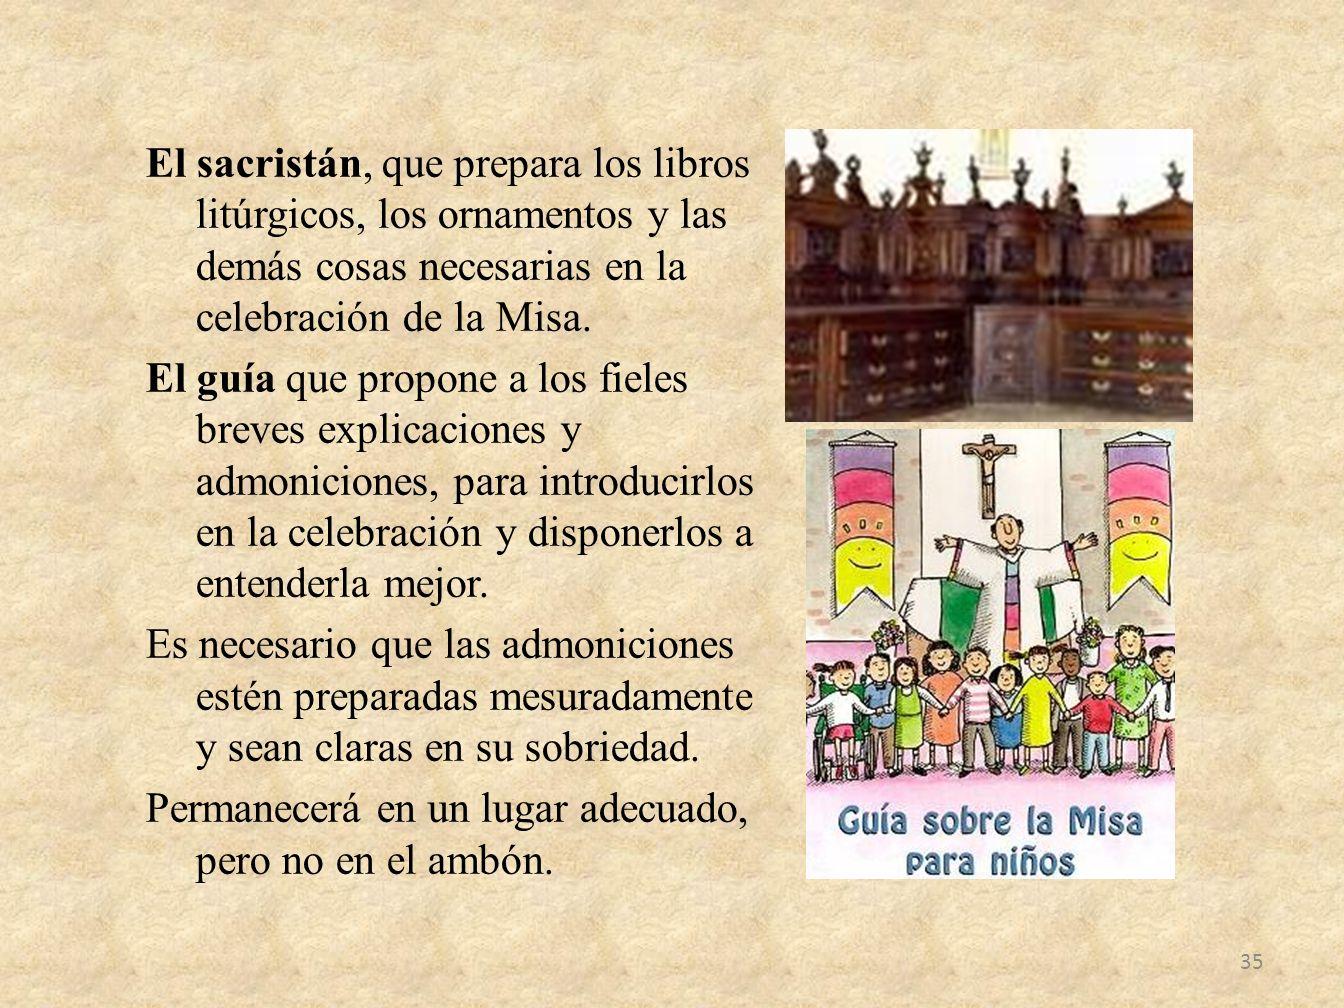 El sacristán, que prepara los libros litúrgicos, los ornamentos y las demás cosas necesarias en la celebración de la Misa.